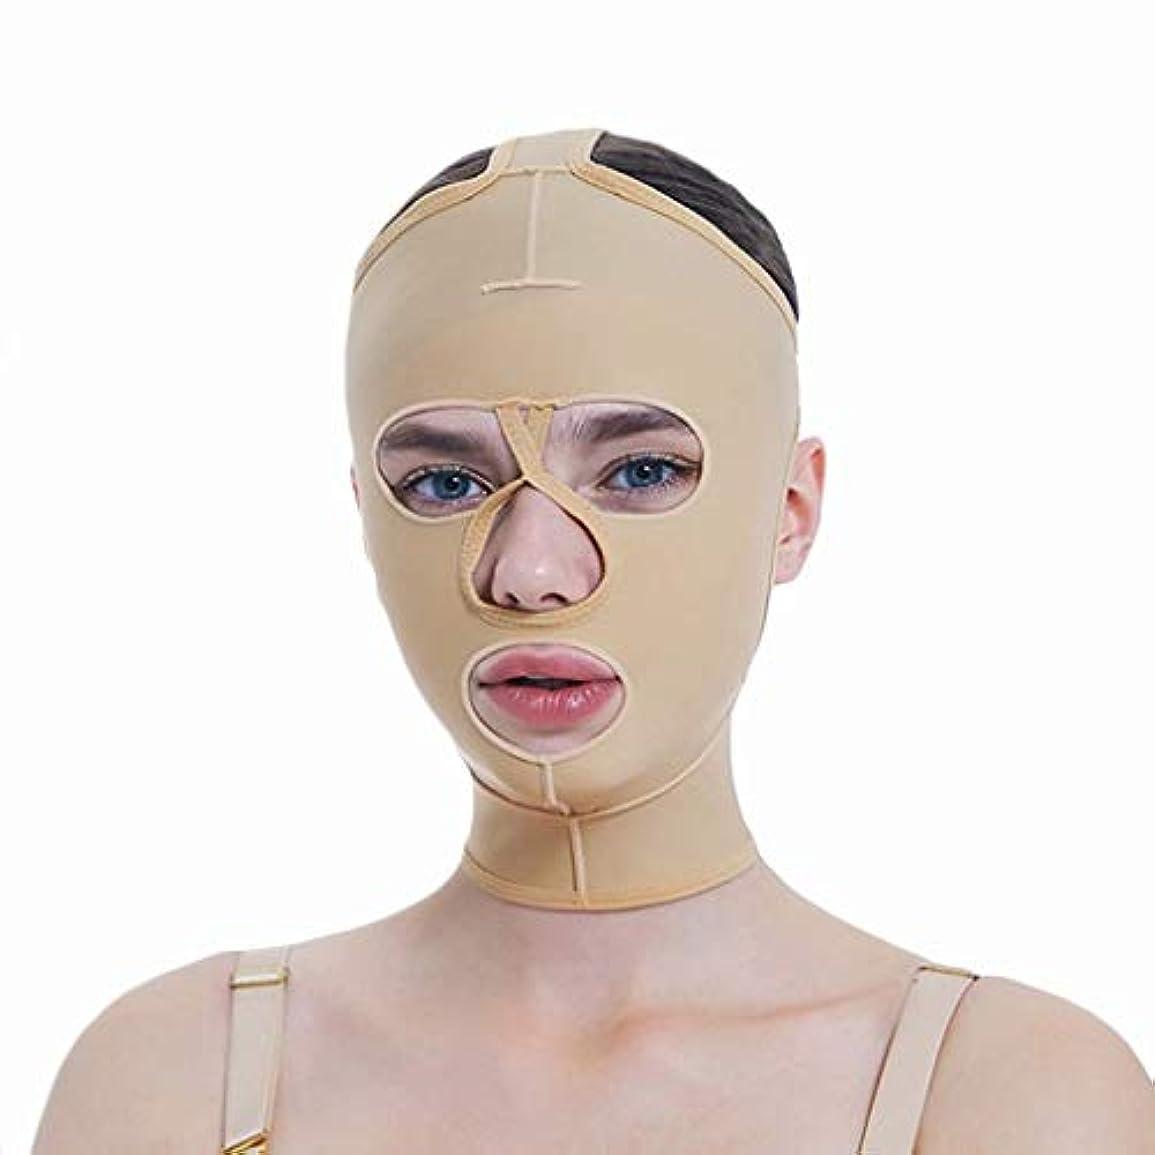 マイク予想する克服するフェイシャル減量マスク、フルカバレッジ包帯、フルフェイスリフティングマスク、フェイスマスク、快適で リフティングシェーピング(サイズ:S),XS